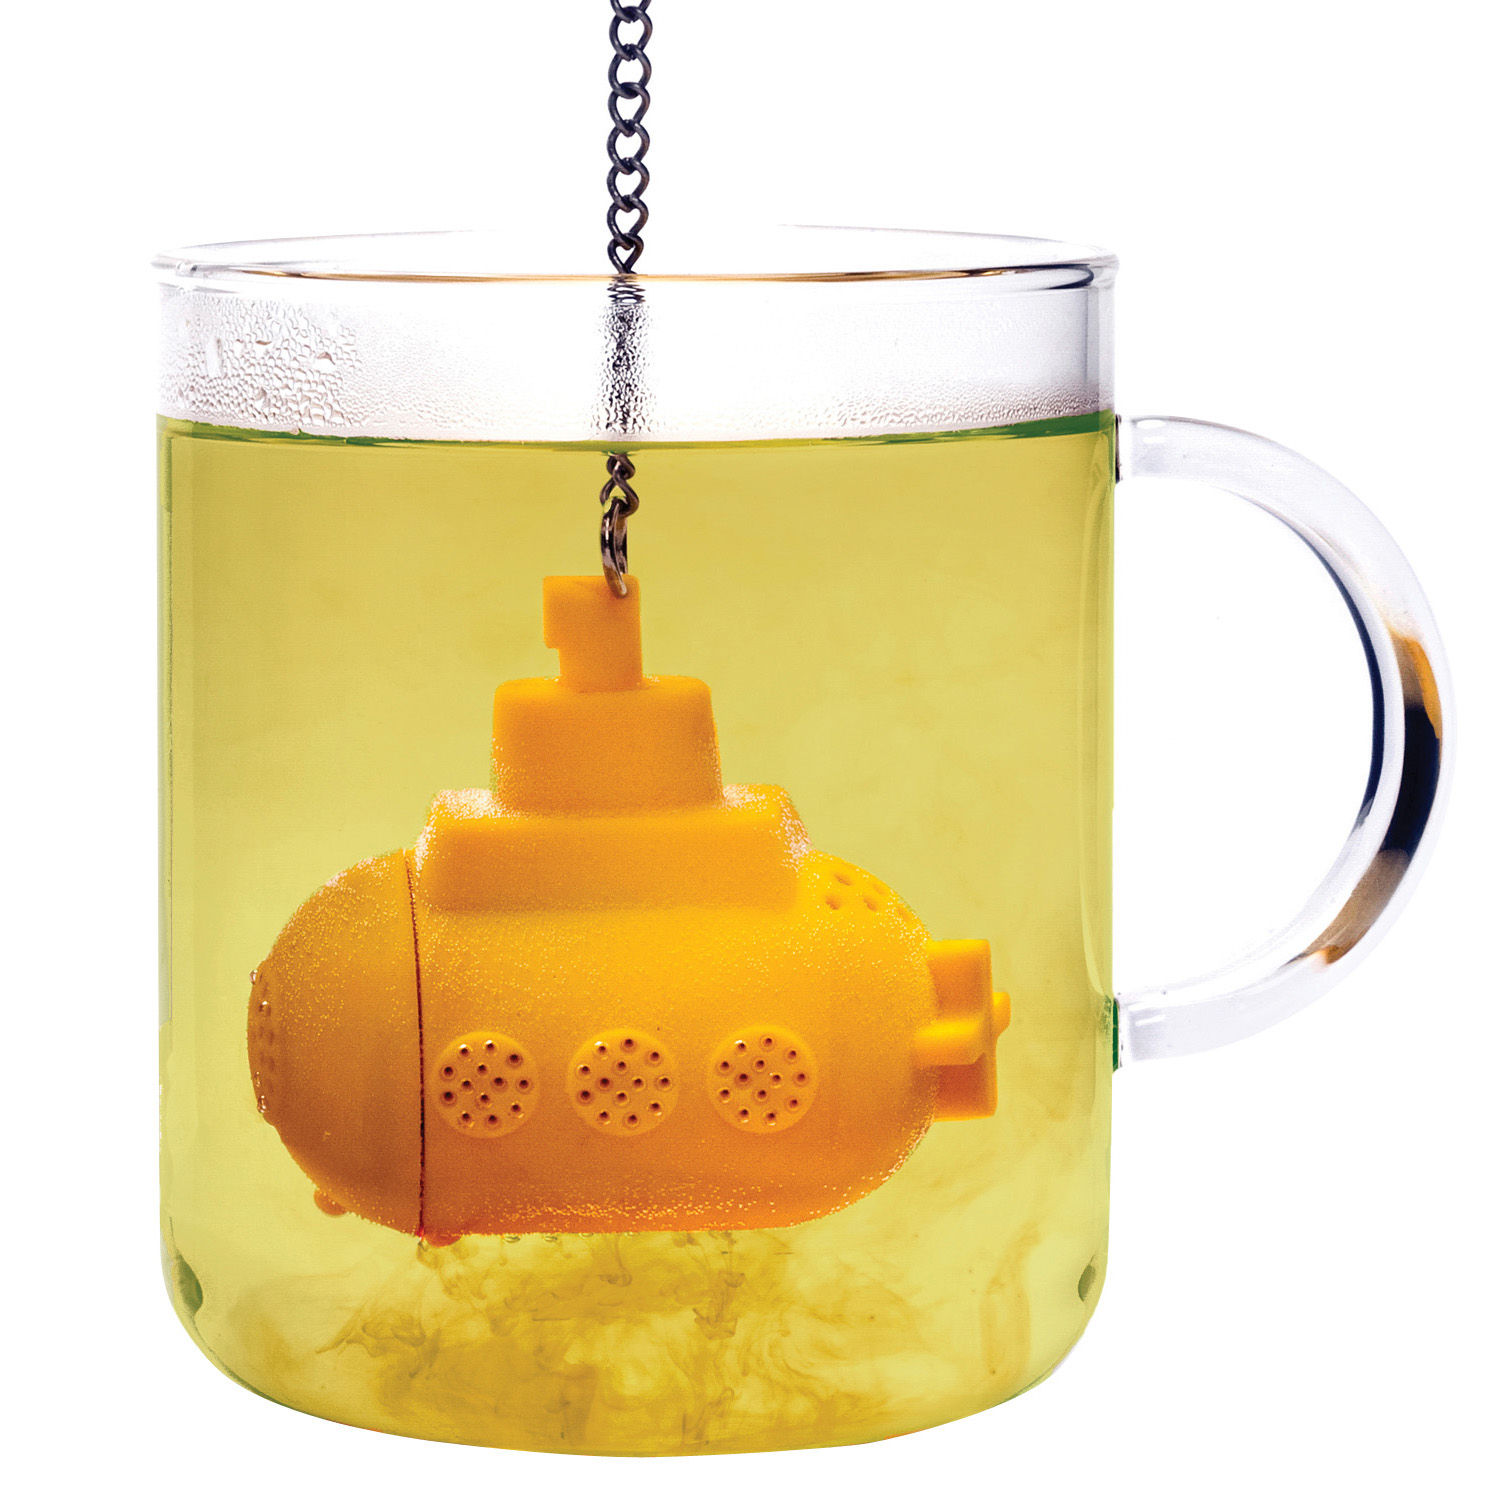 Tavola - Caffè - Filtro da tè Tea sub di Pa Design - Giallo - Silicone